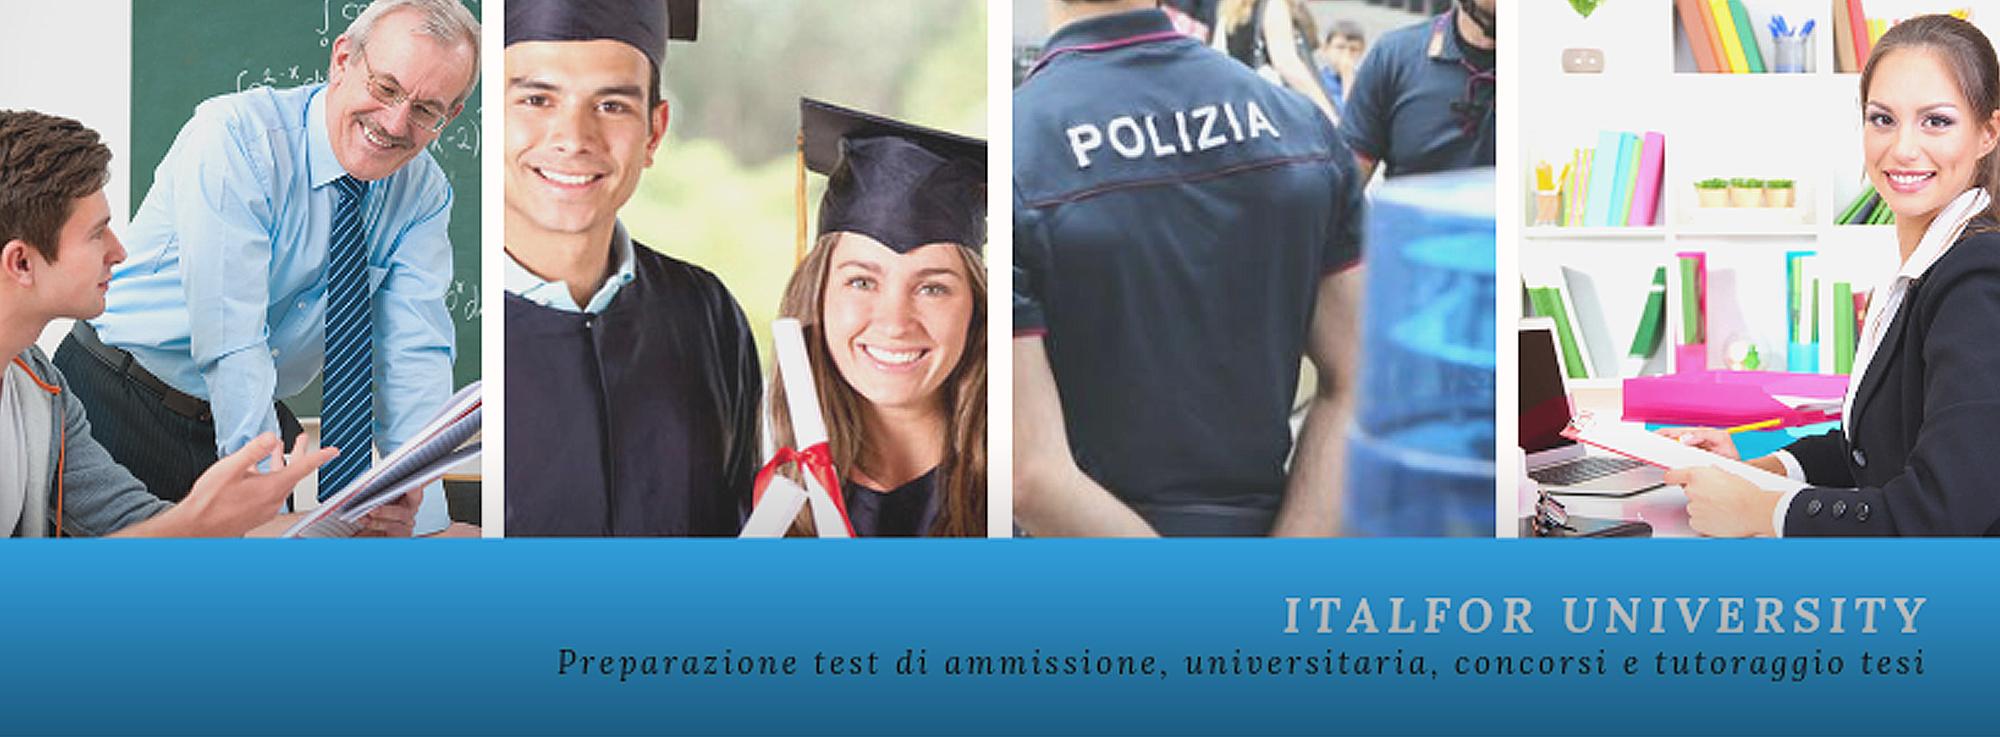 Italfor University Trani